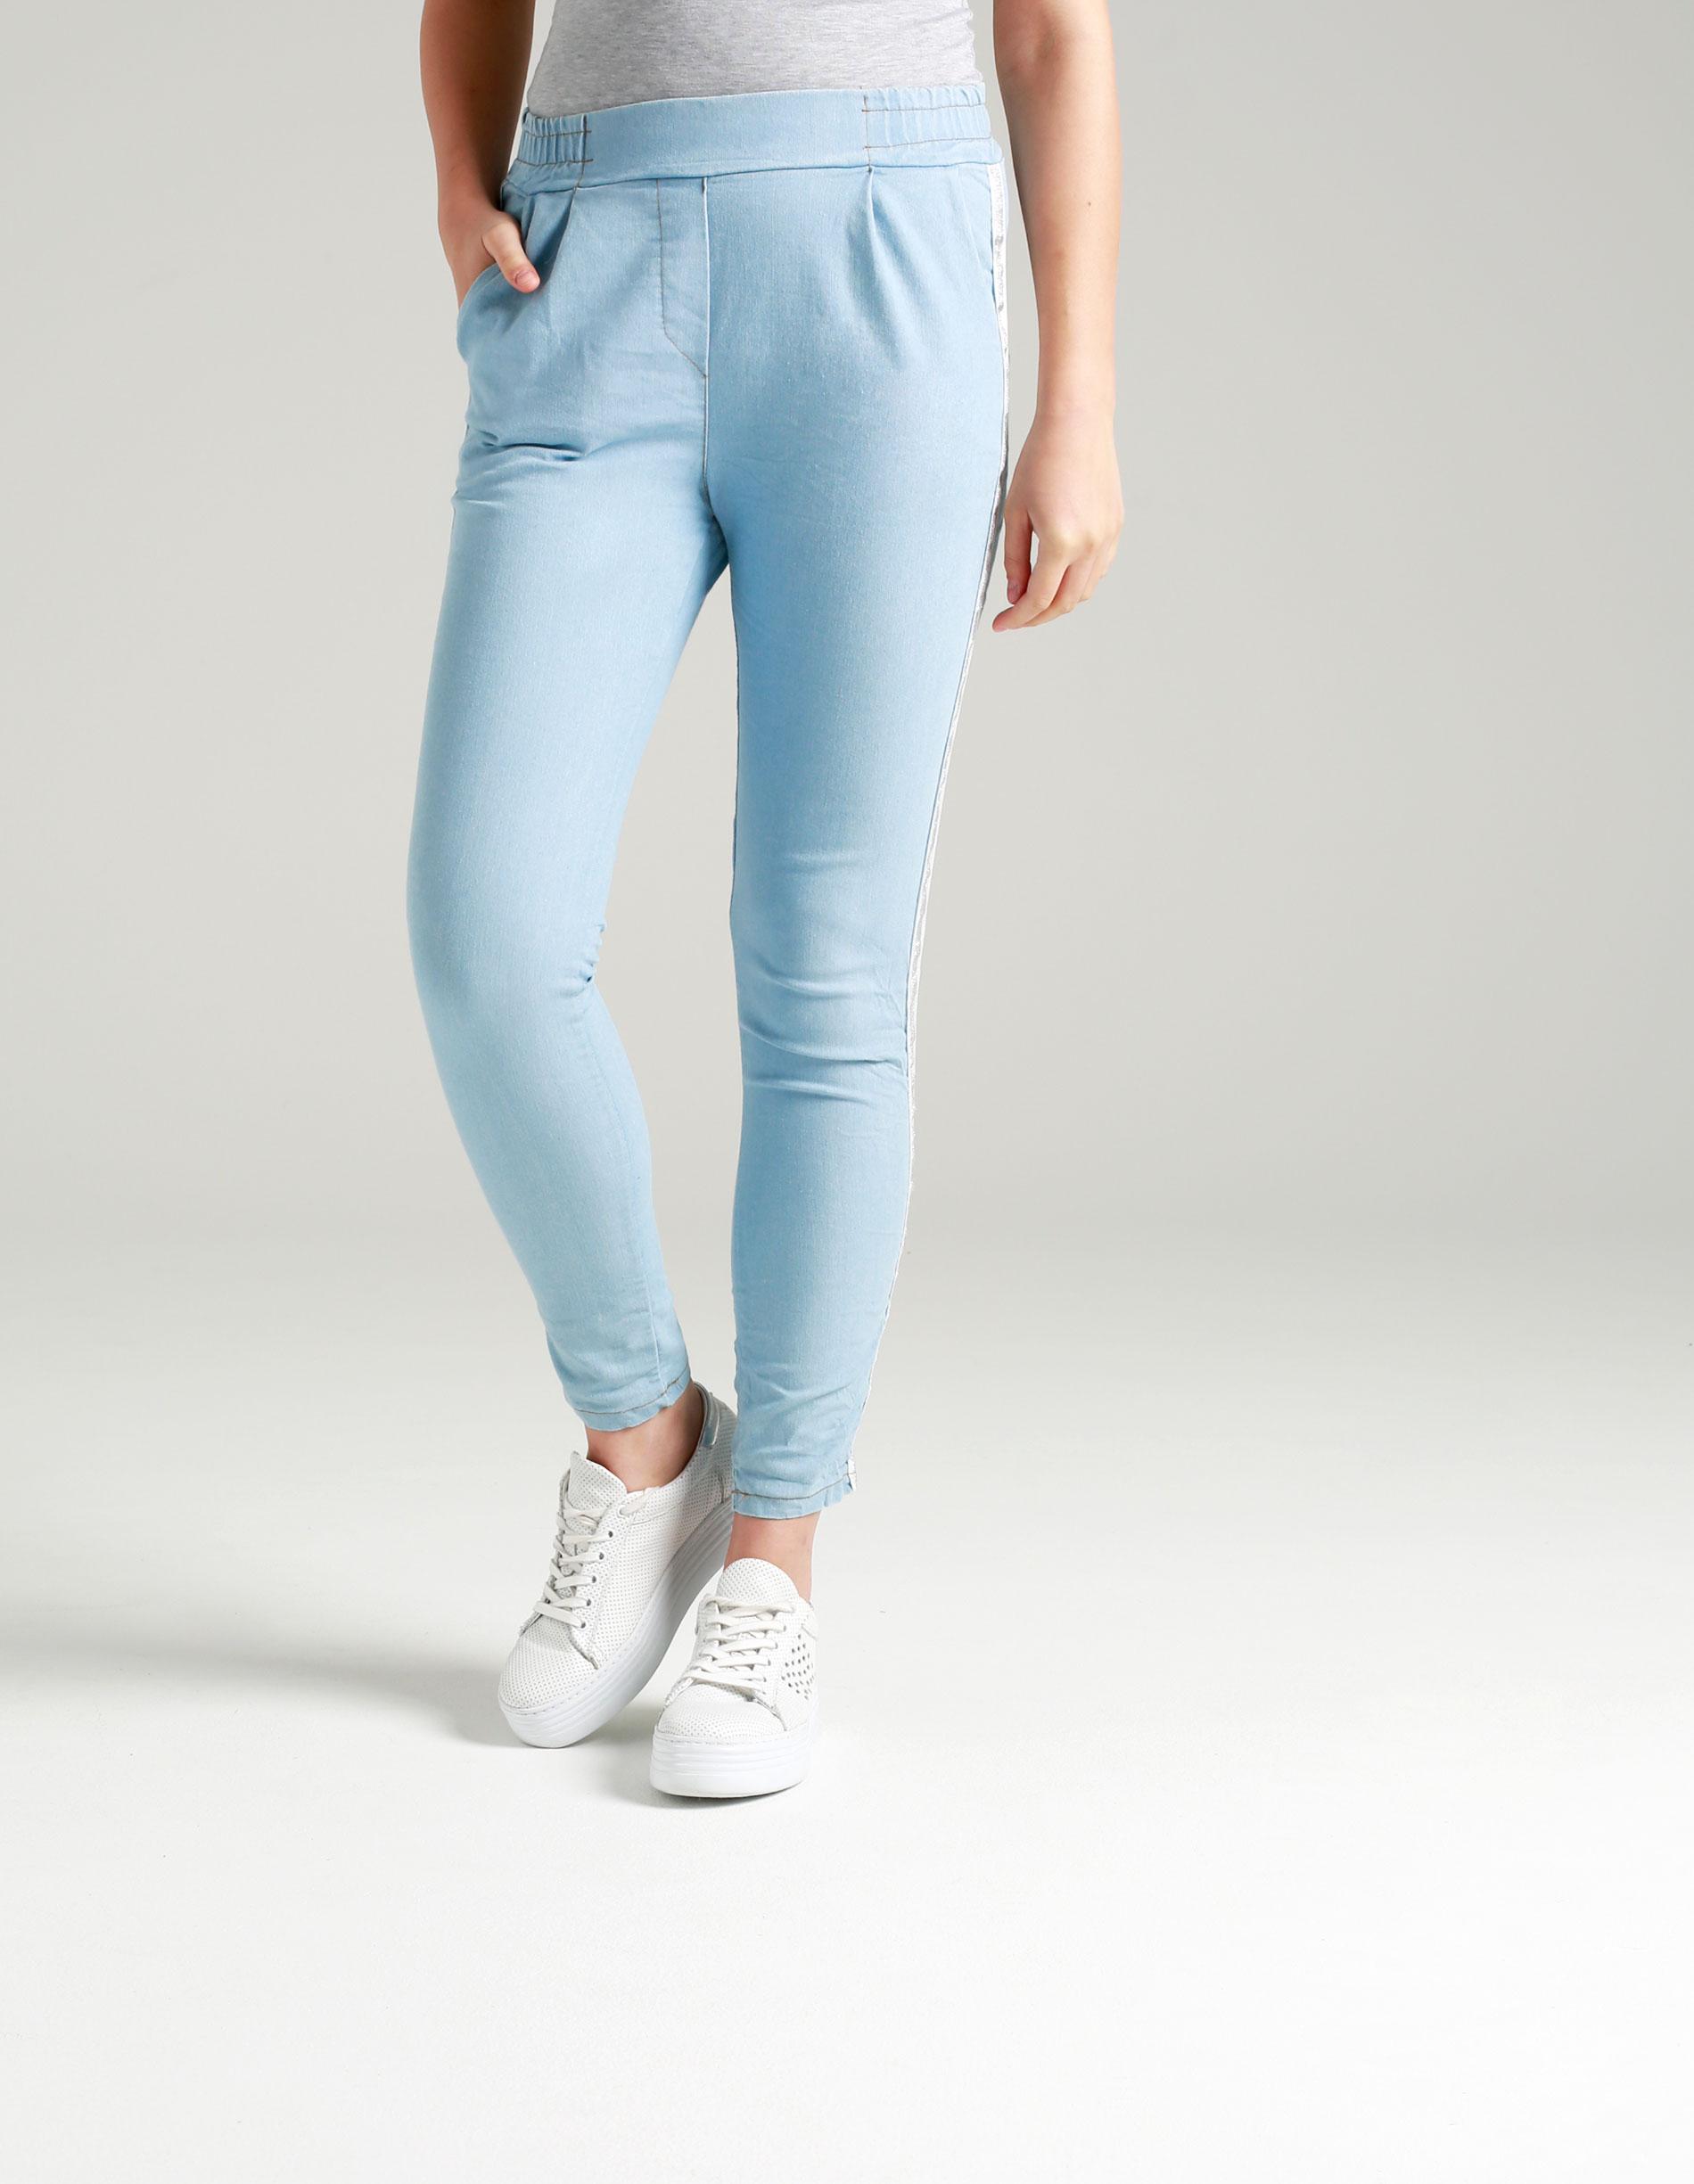 Spodnie - 21-3111 JE CH - Unisono